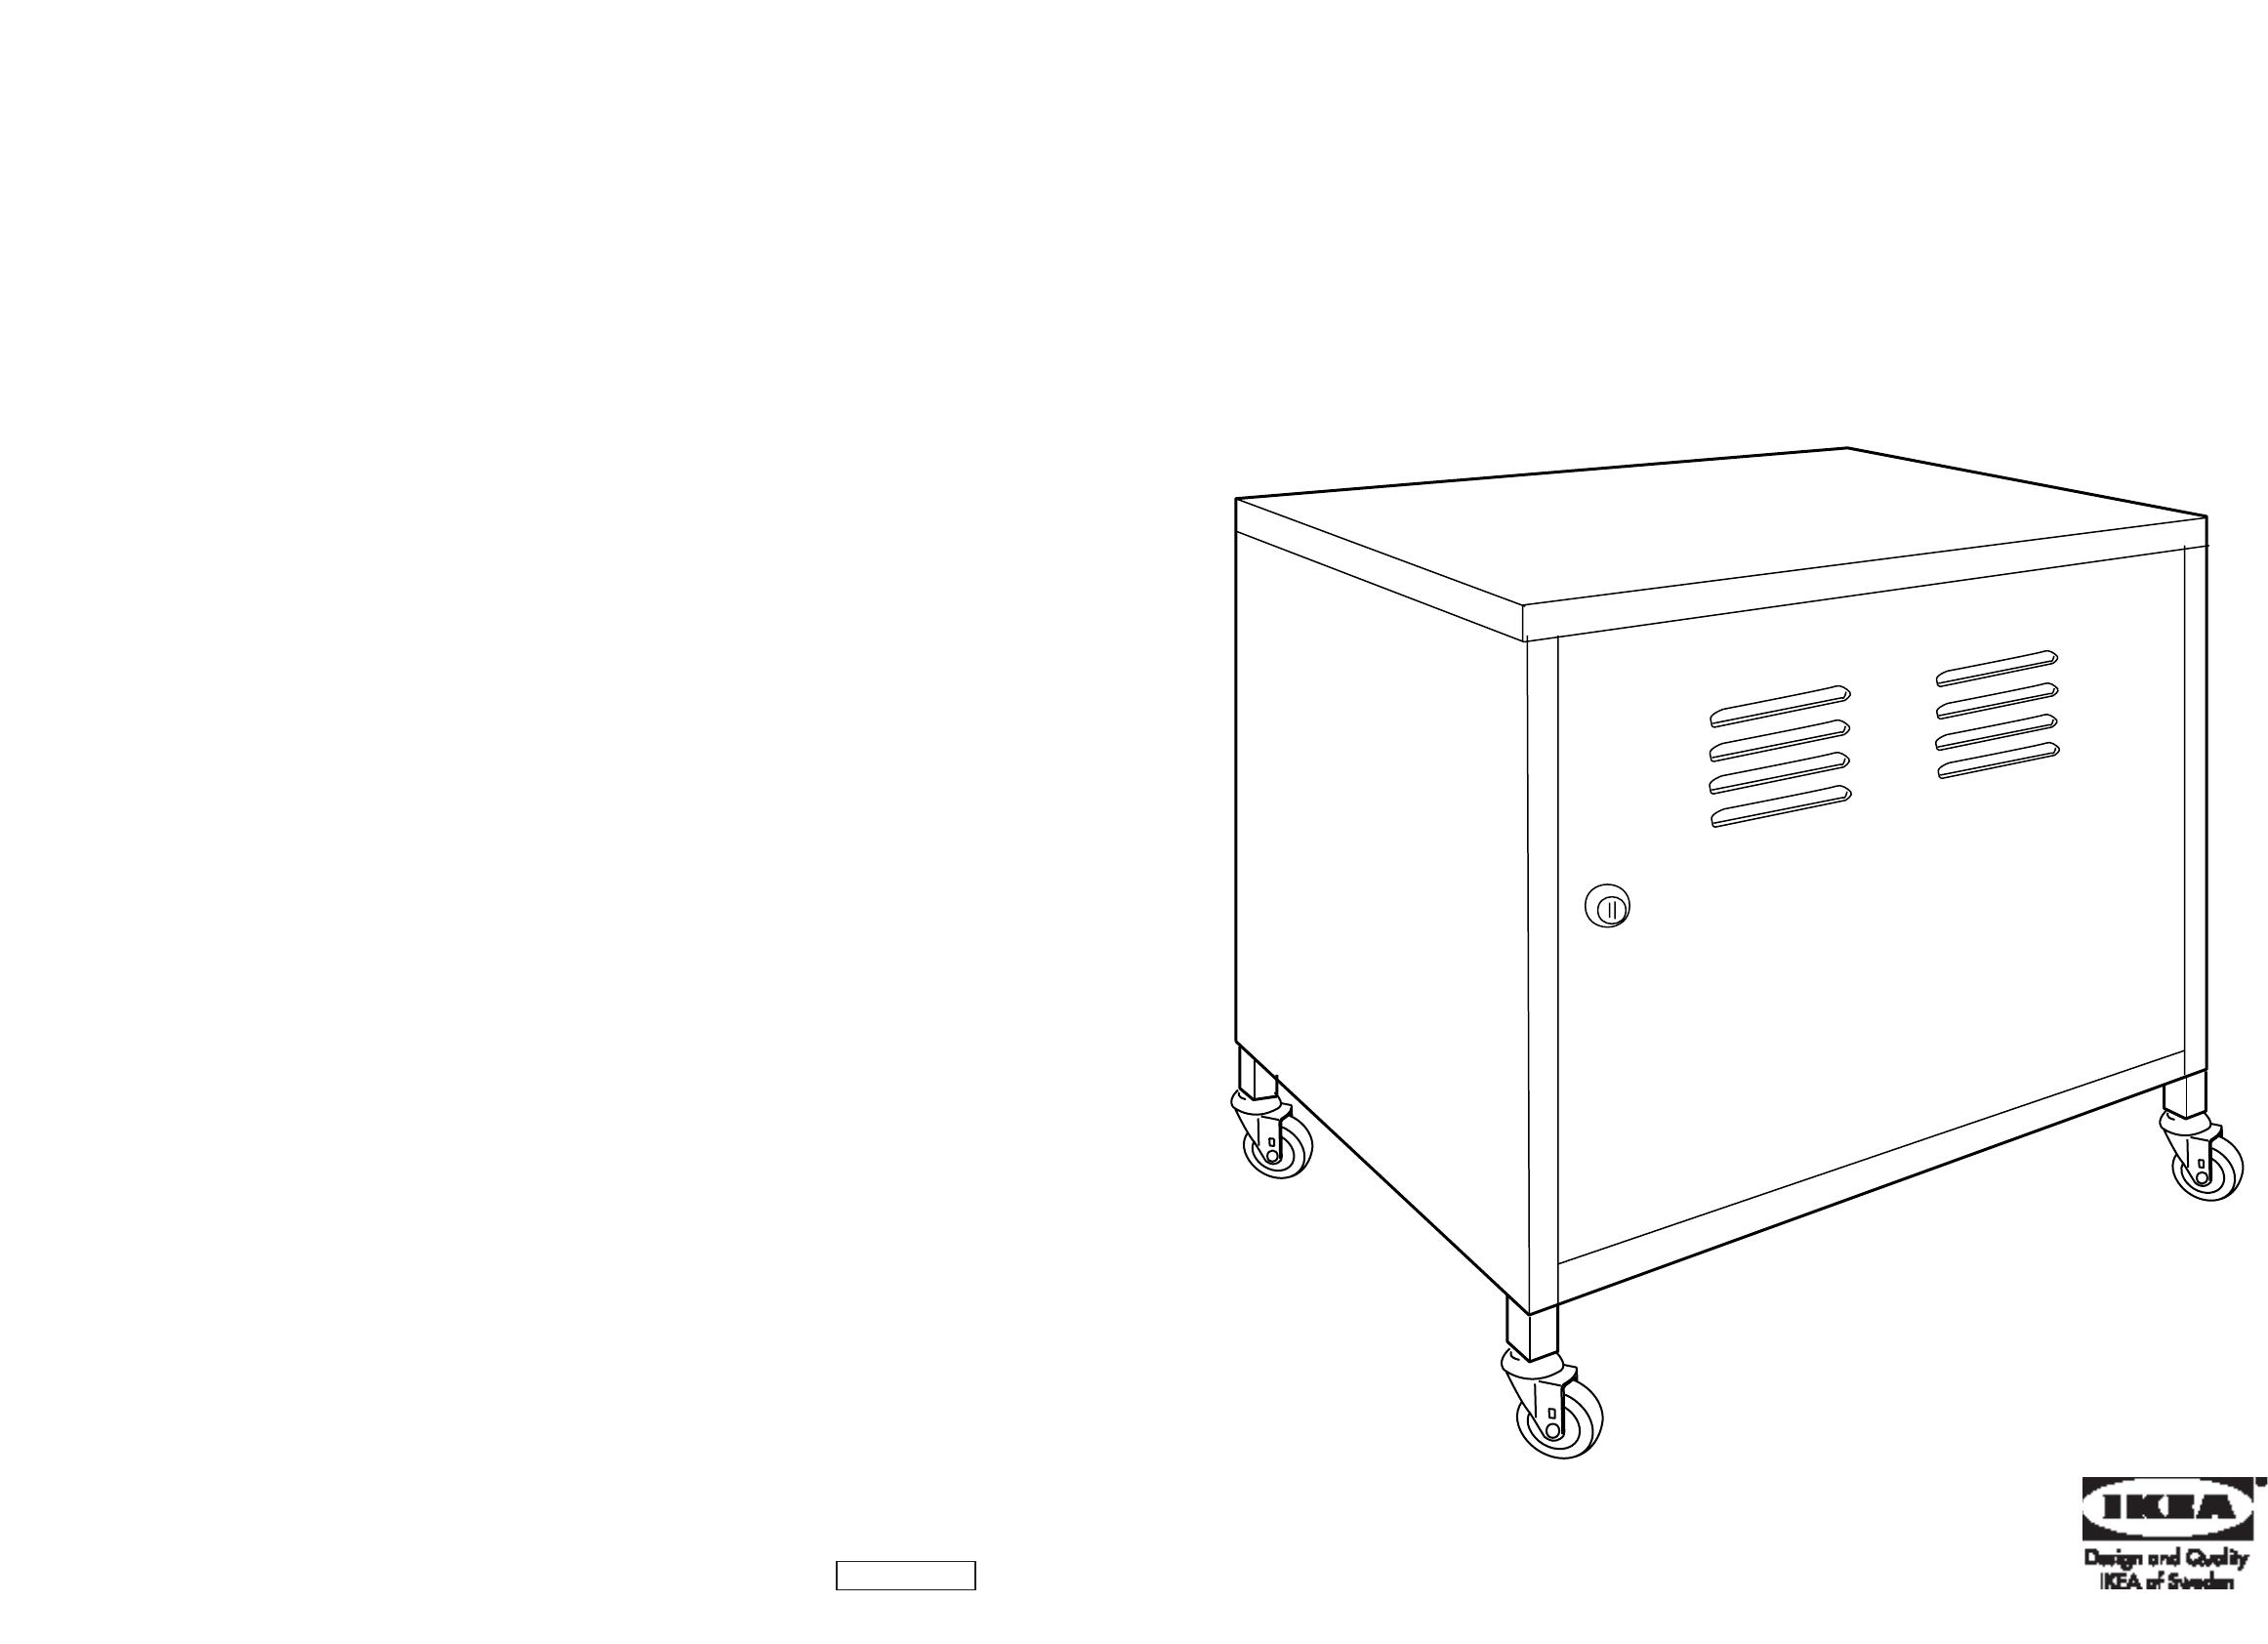 Handleiding Ikea Ps Kast Op Wielen Pagina 1 Van 6 Dansk